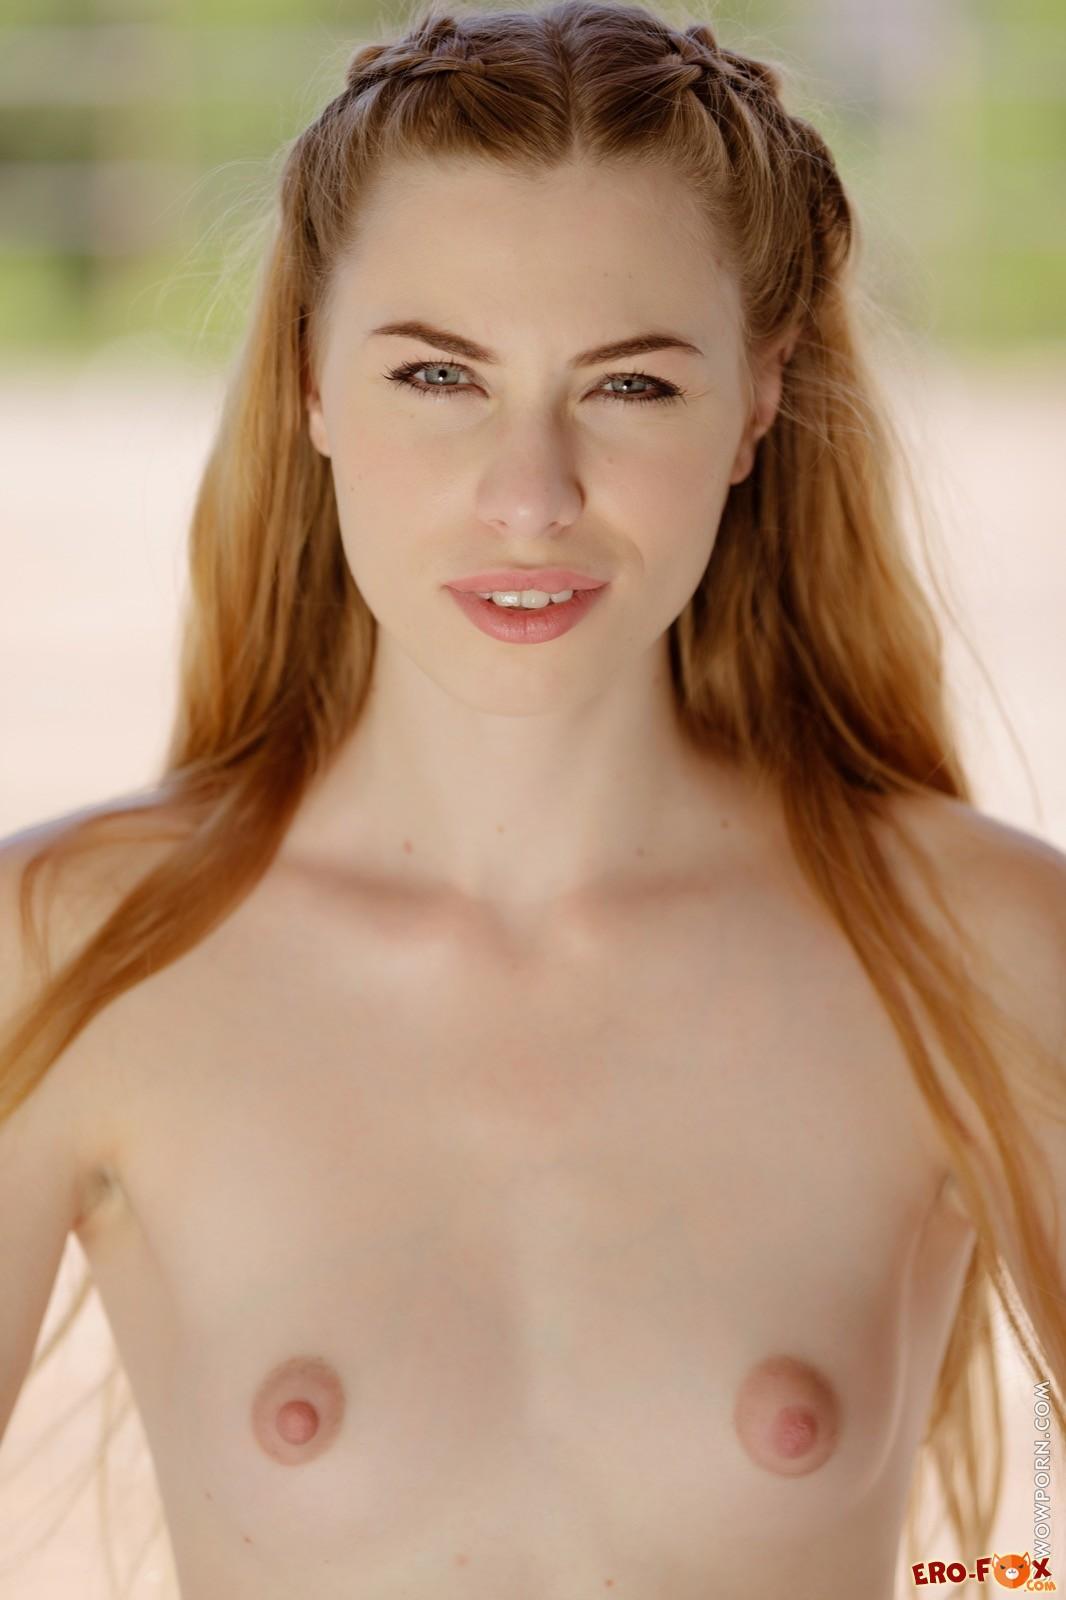 Худая высокая девушка голая перед камерой